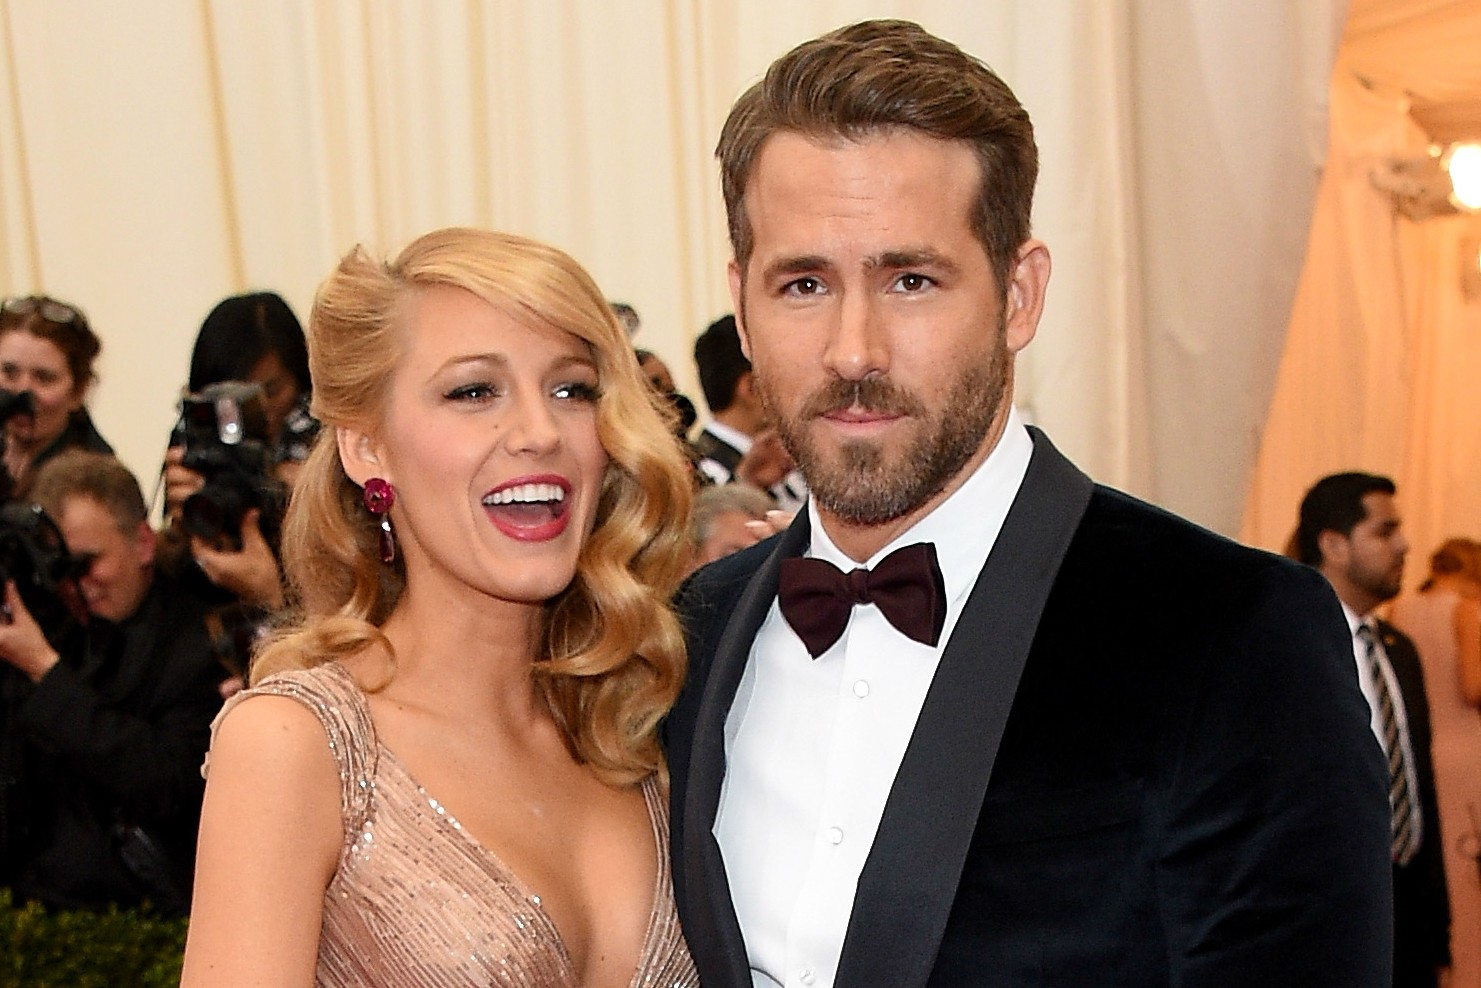 Os atores Ryan Reynolds, de 37 anos, e Blake Lively, de 26, formam um casal quentíssimo. (Foto: Getty Images)